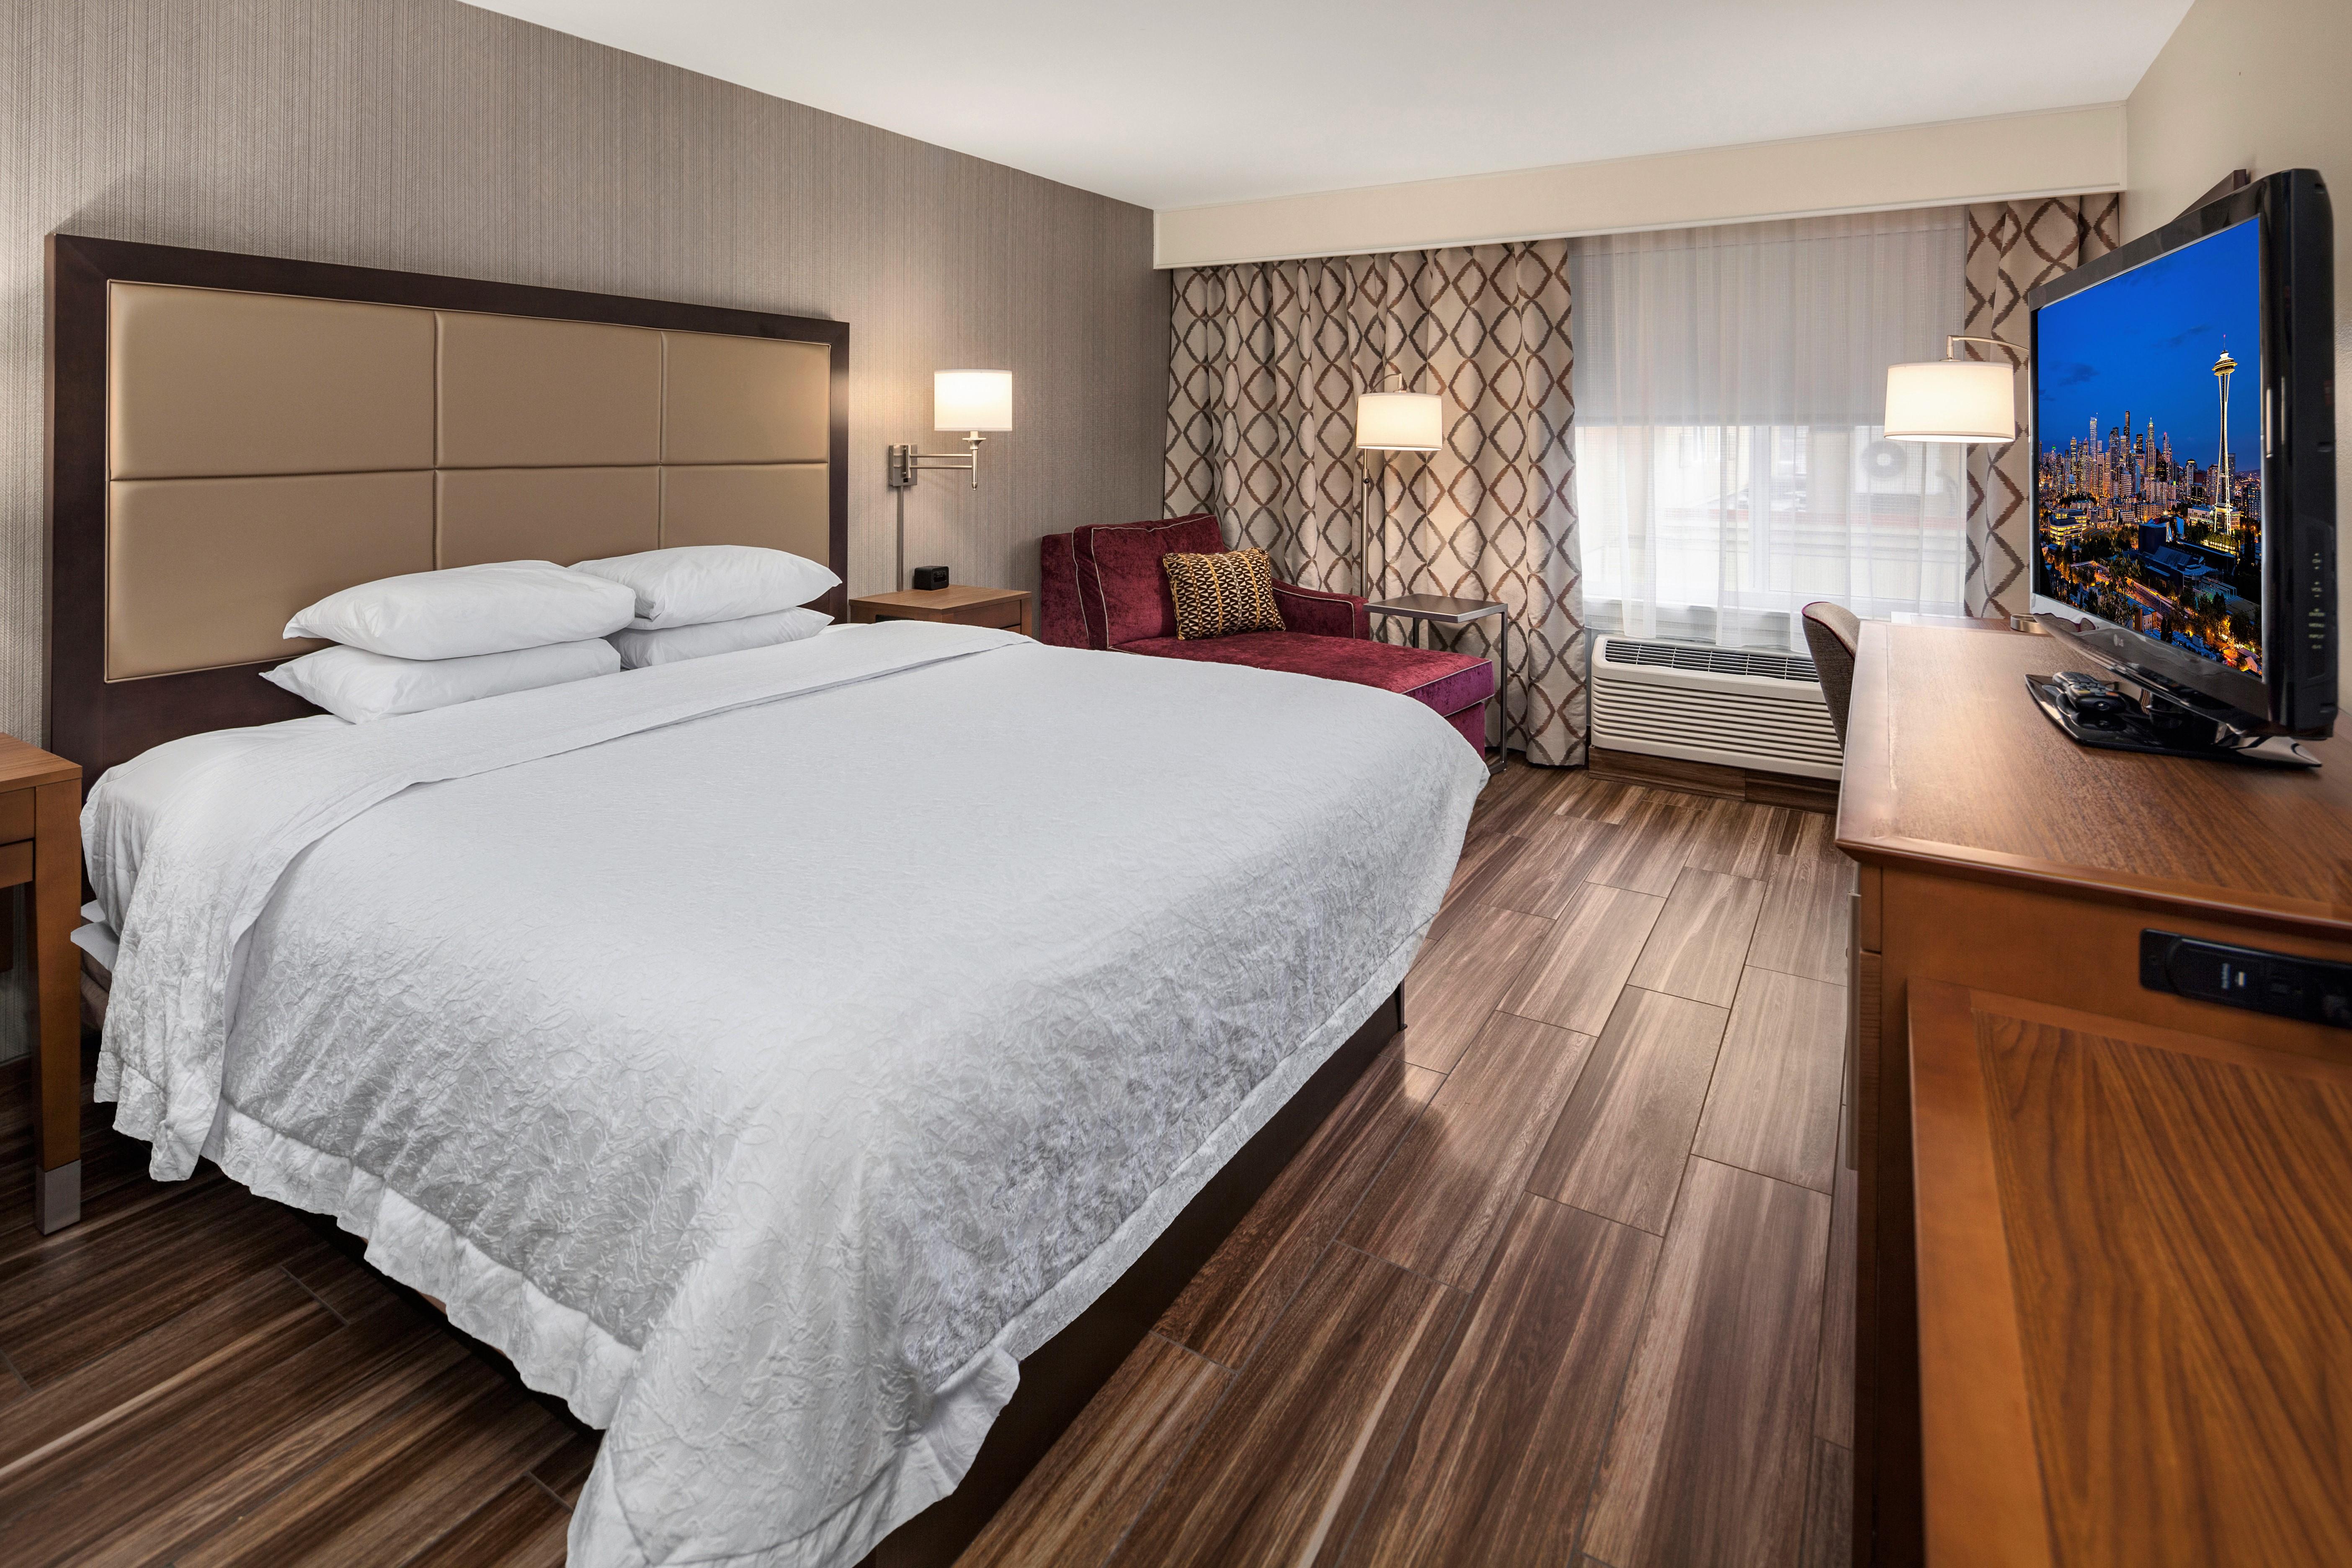 https://www.hotelsbyday.com/_data/default-hotel_image/4/21715/nkr.jpg